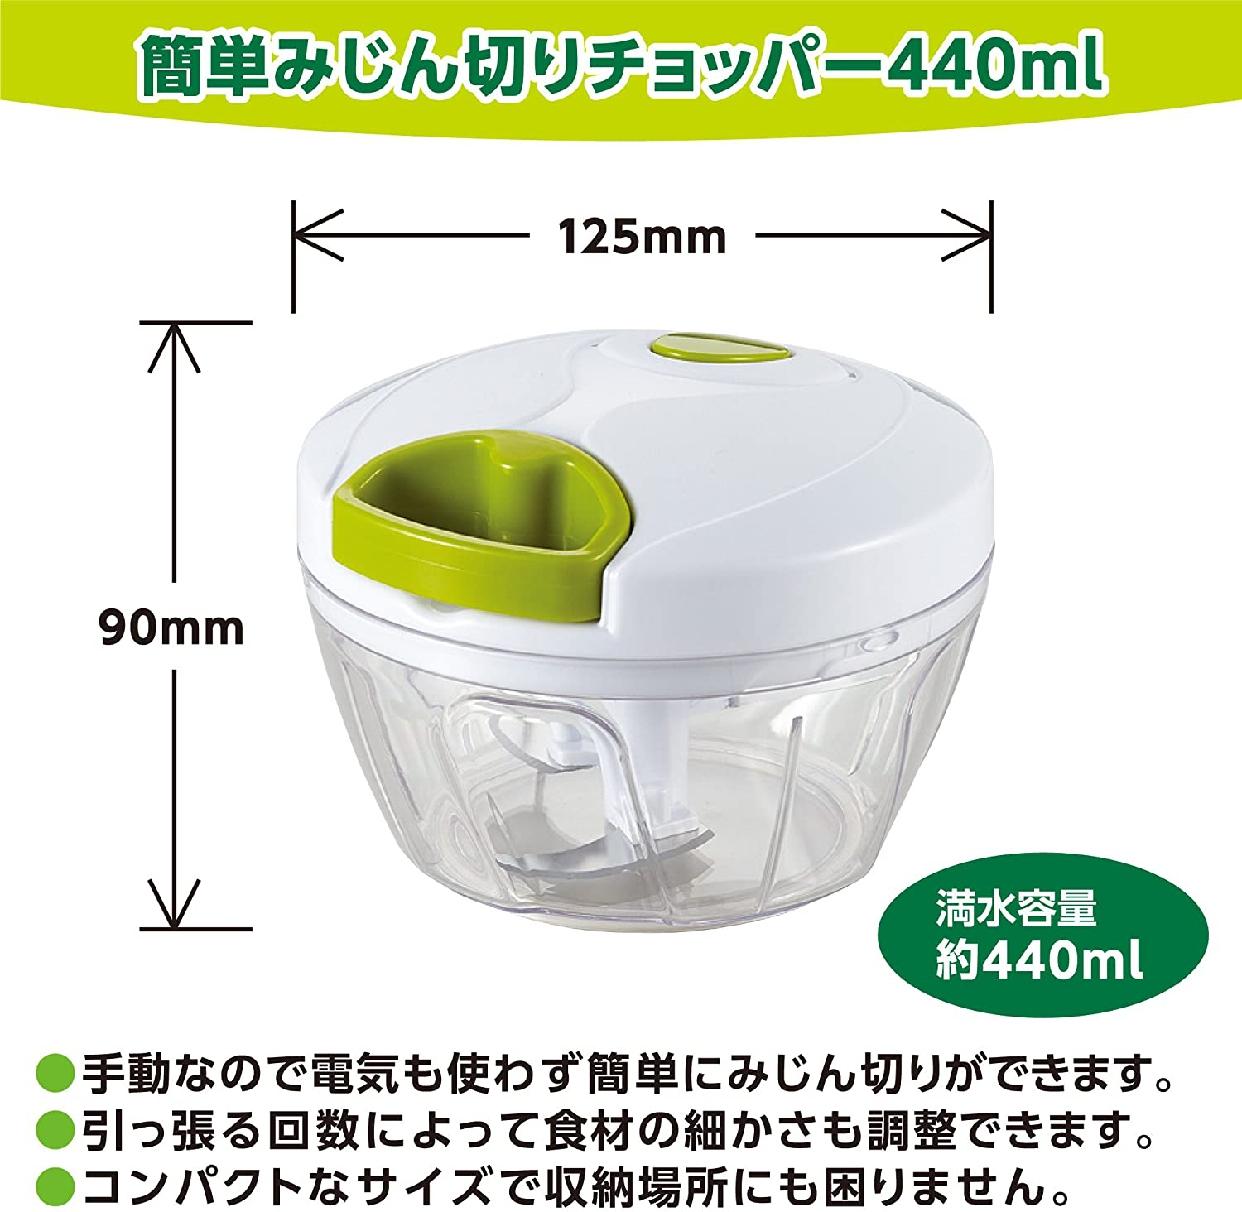 竹原製罐(TAKECHAN) 簡単みじん切りチョッパー A-80 ホワイトの商品画像2